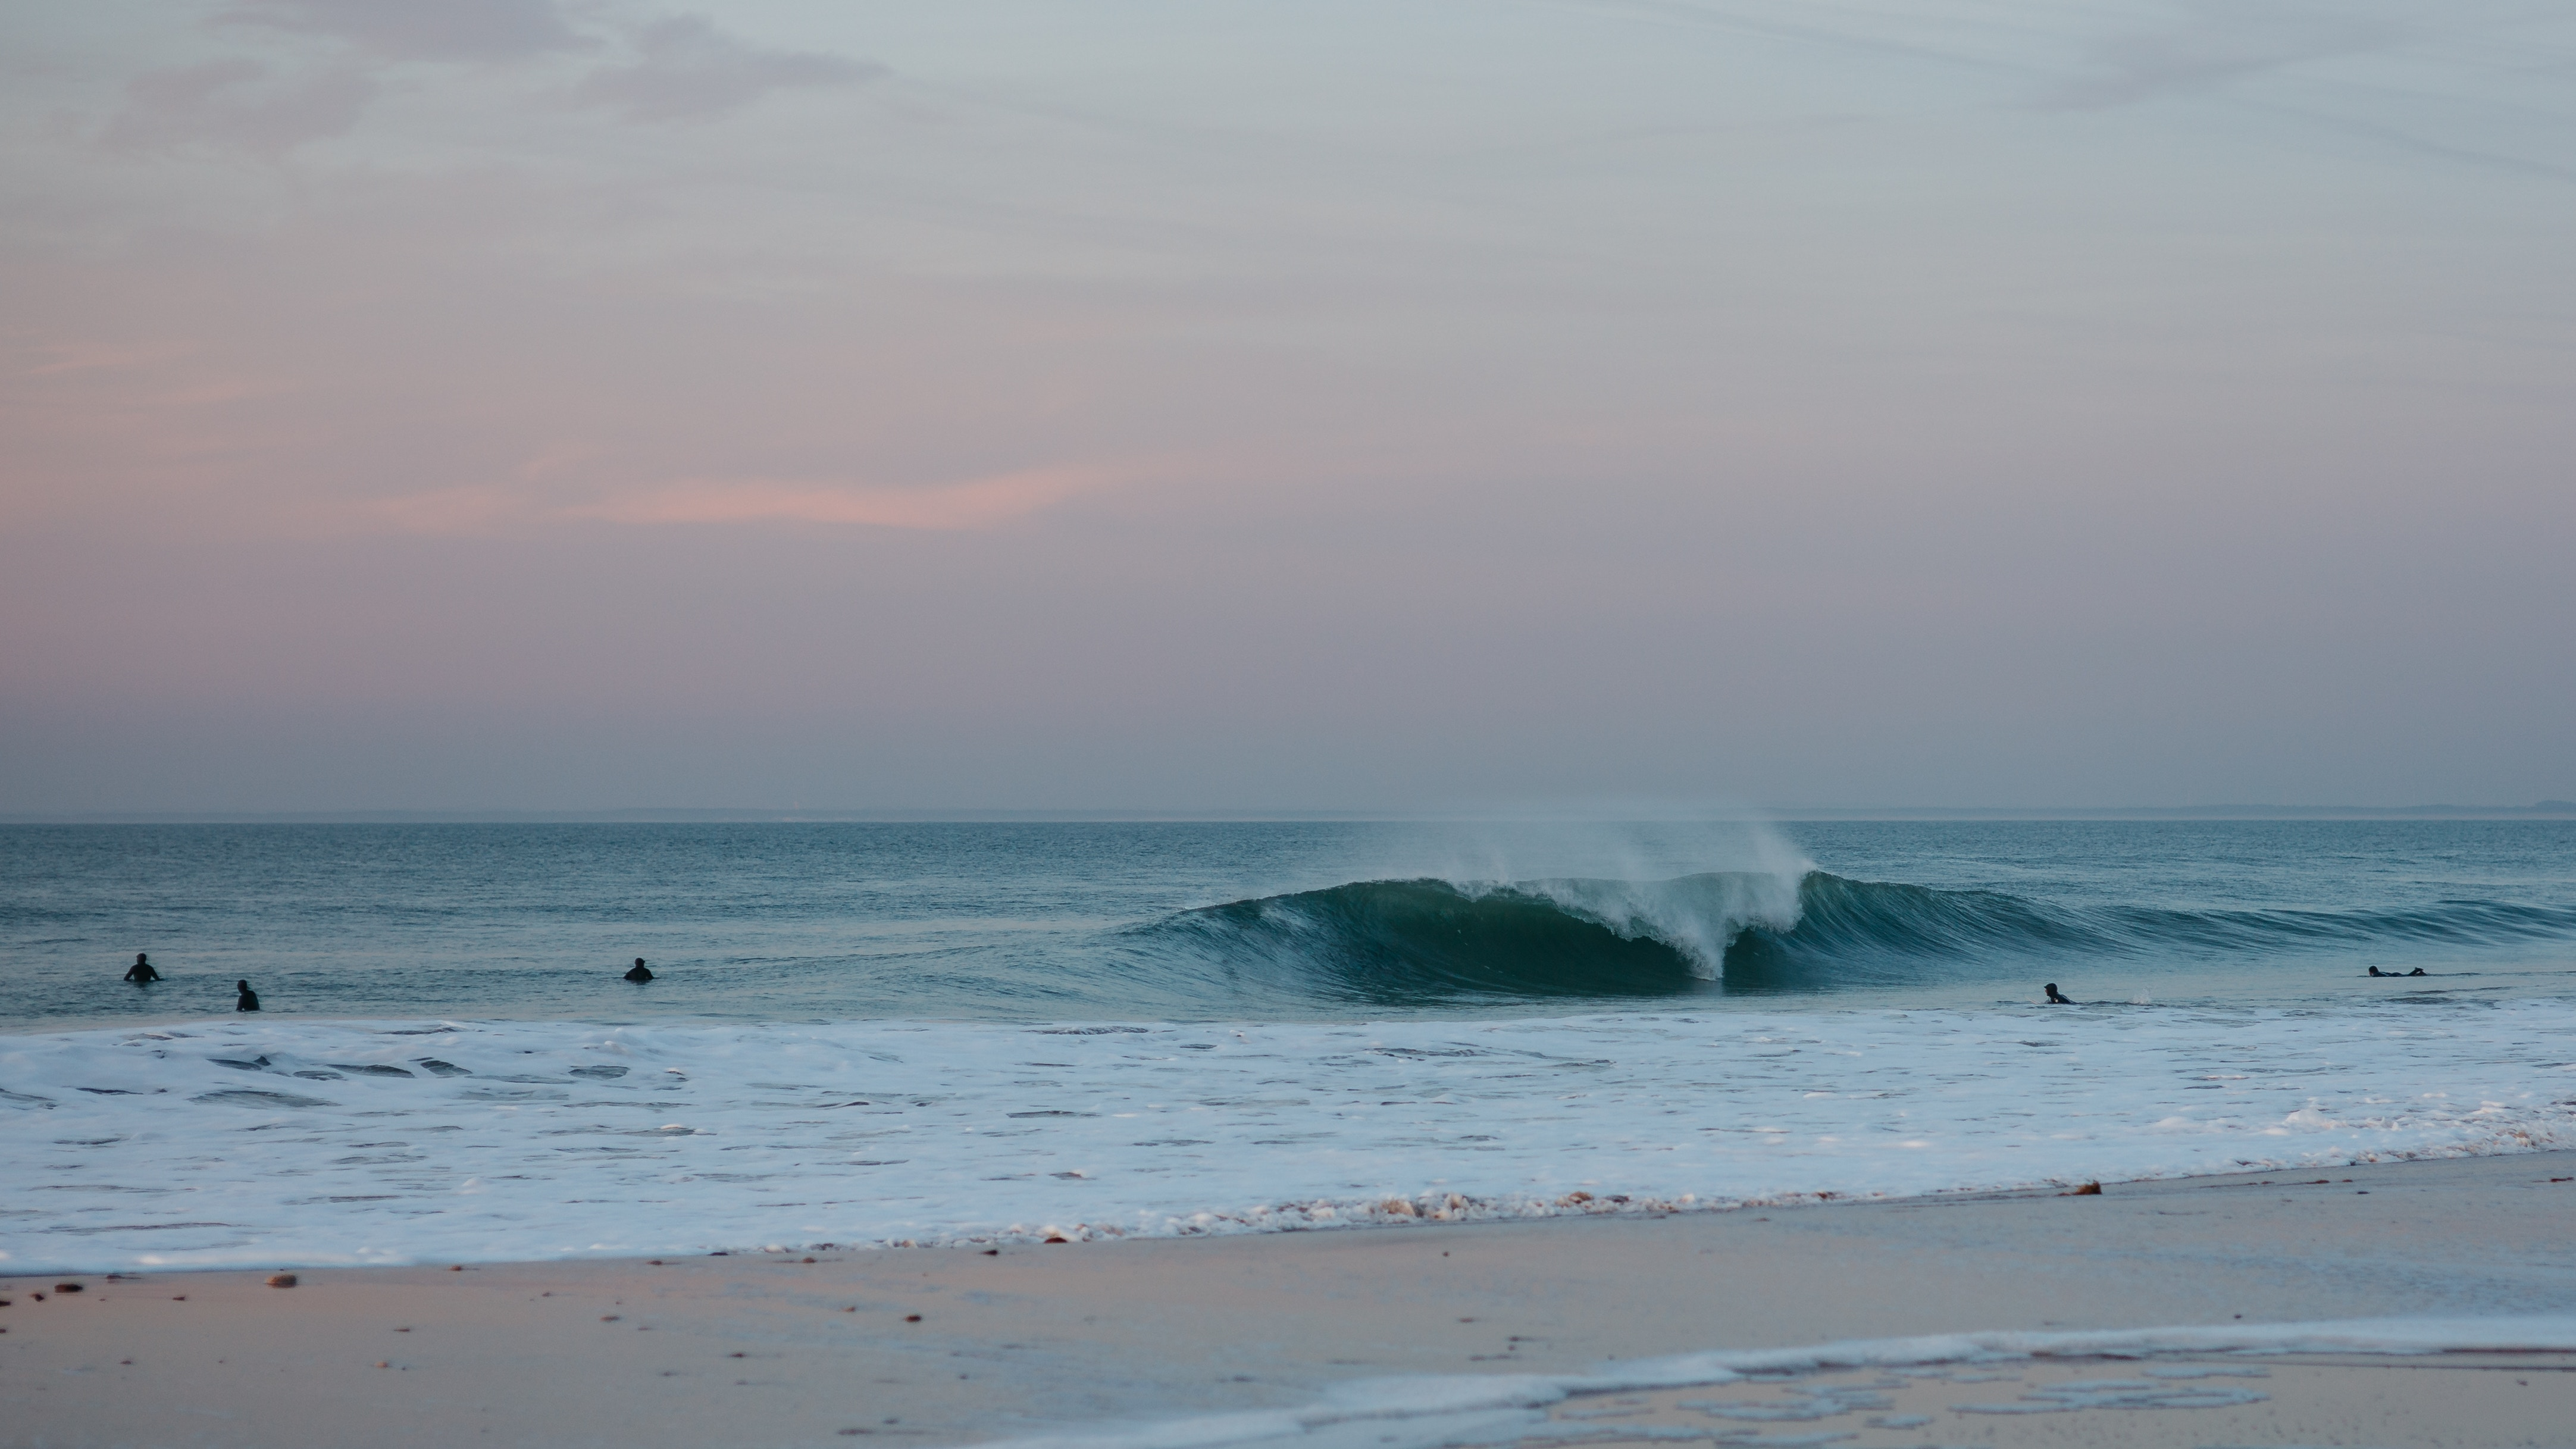 Plage du Petit Bec, surf Les Portes-en-Re